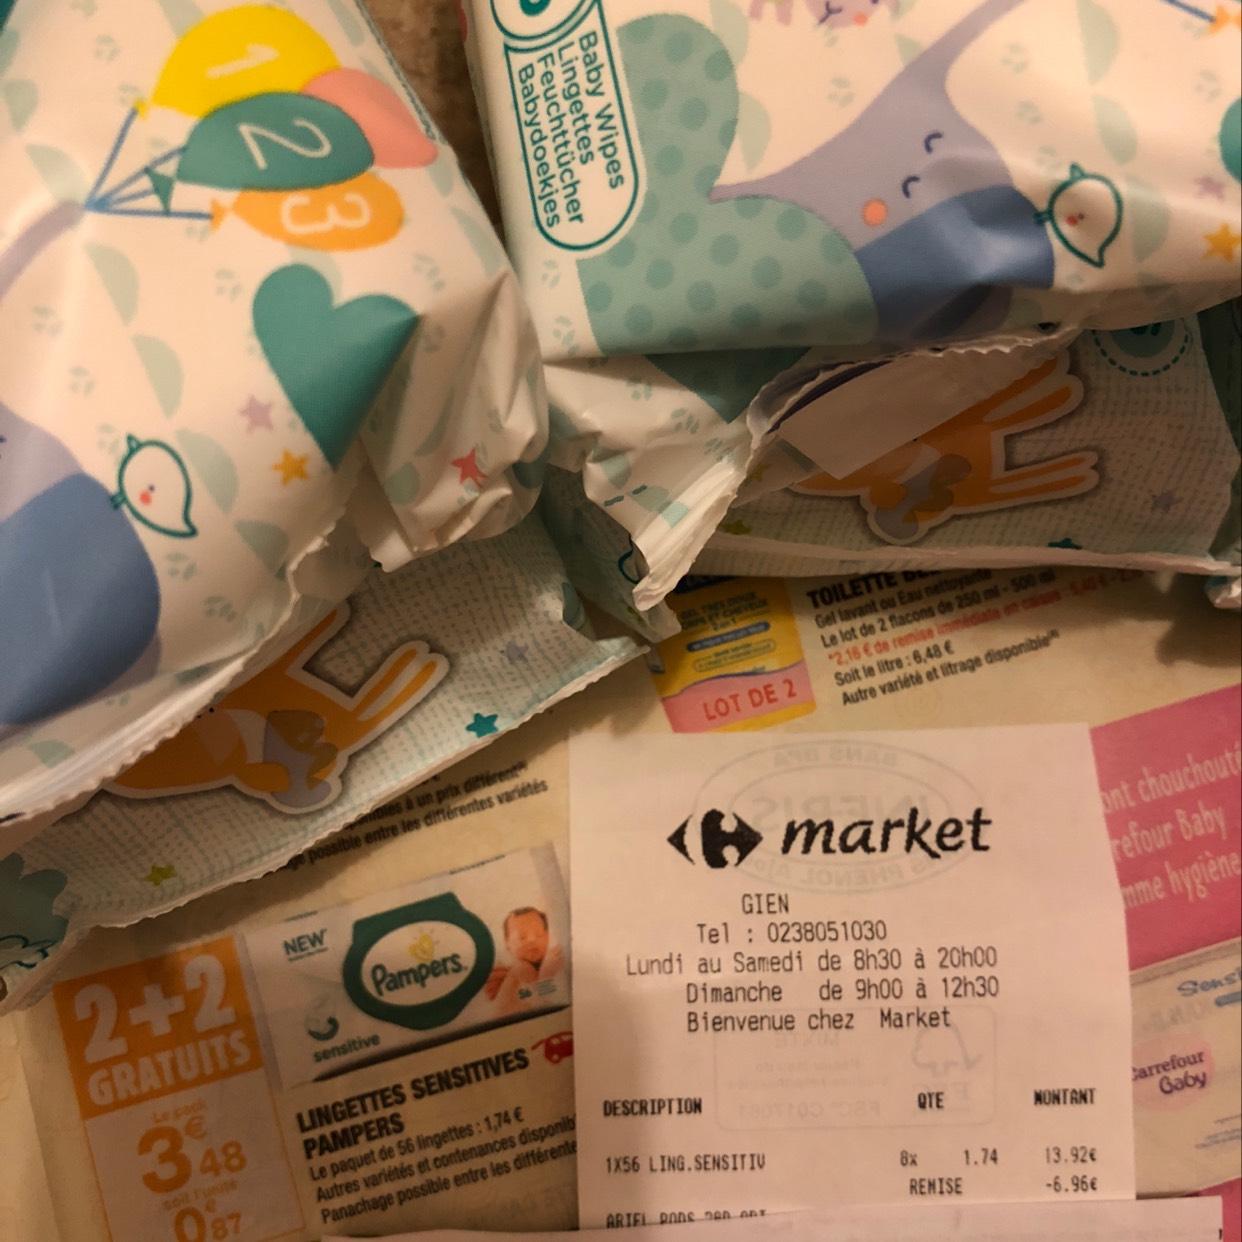 4 Paquets de 56 lingettes Pampers (via BDR)